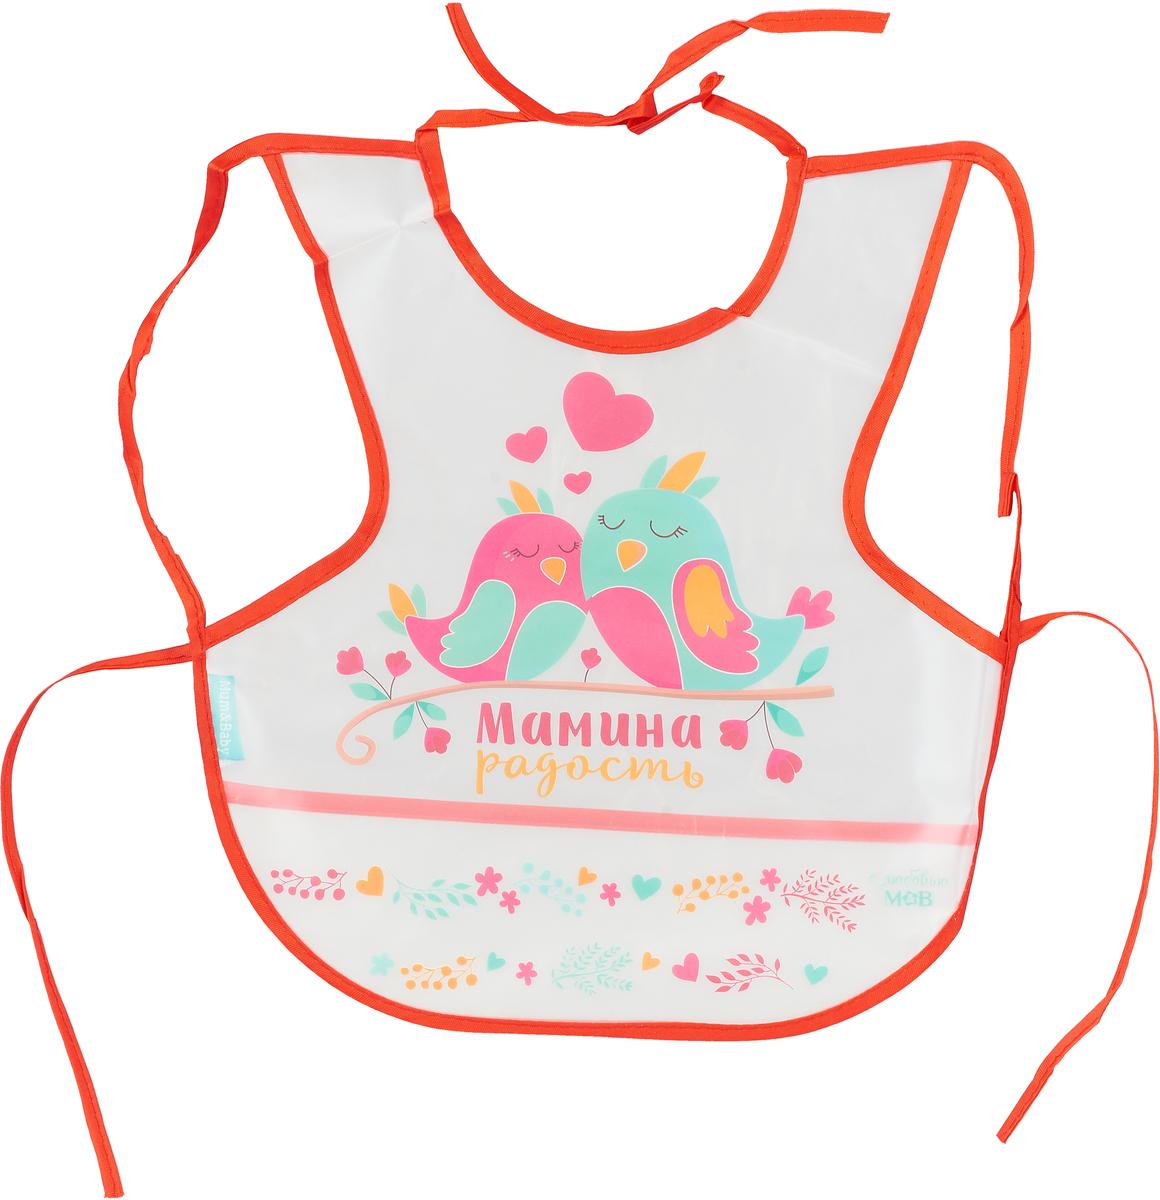 Mum&Baby Нагрудник-фартук Мамина радость lovely striped baby girl одежда мальчик одежда брюки костюм малыш детские наряды одежда для ребенка